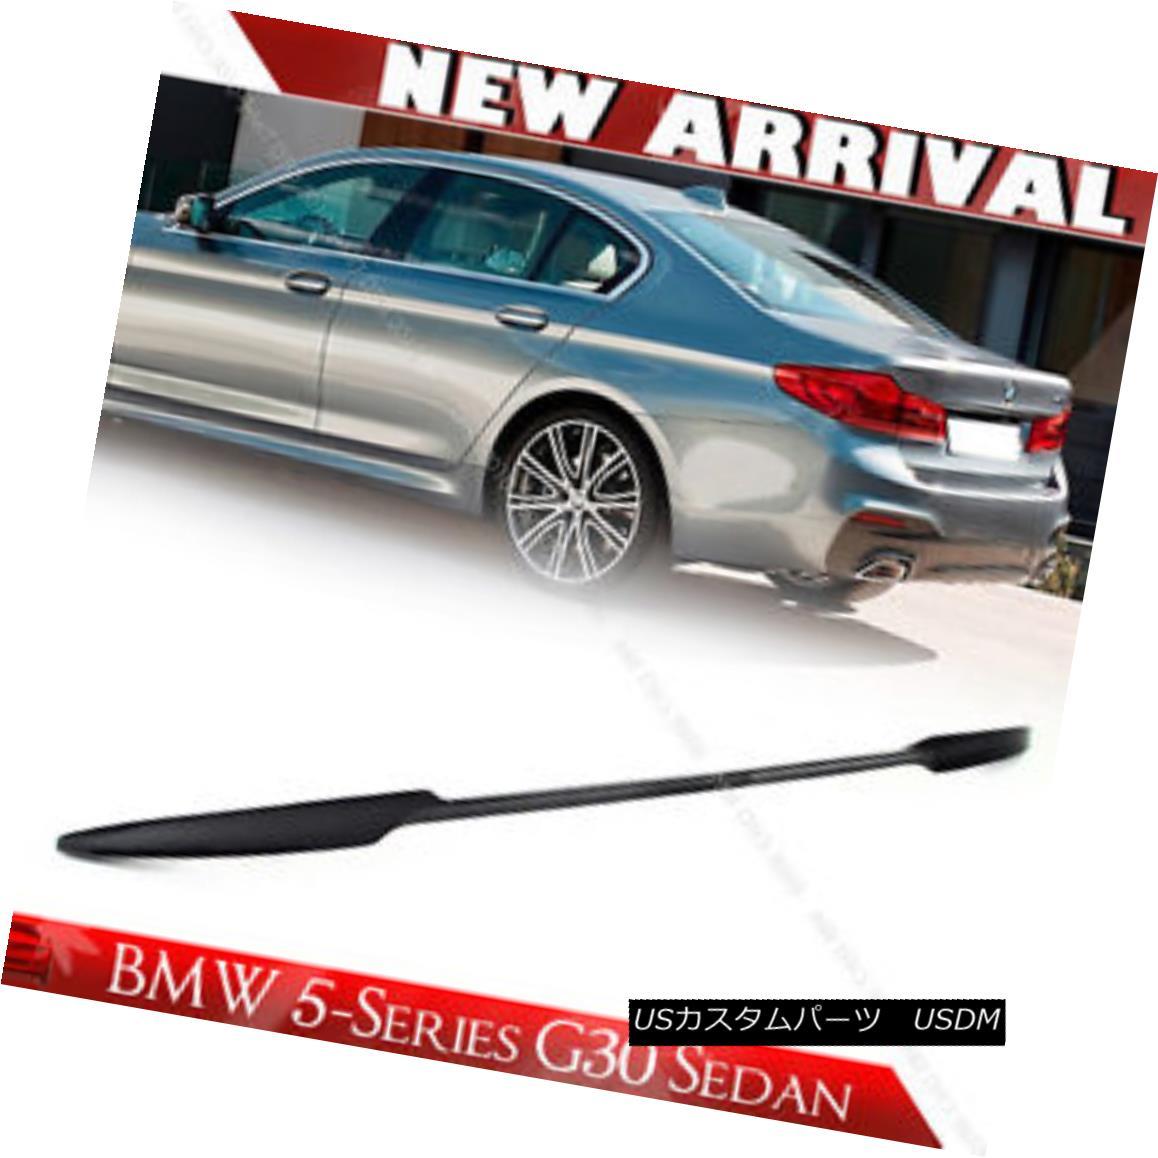 エアロパーツ Painted All Color 17-18 5-Series G30 BMW 4DR Sedan Sport Trunk Spoiler ABS すべての色を塗装17-18 5シリーズG30 BMW 4DRセダンスポーツトランクスポイラーABS